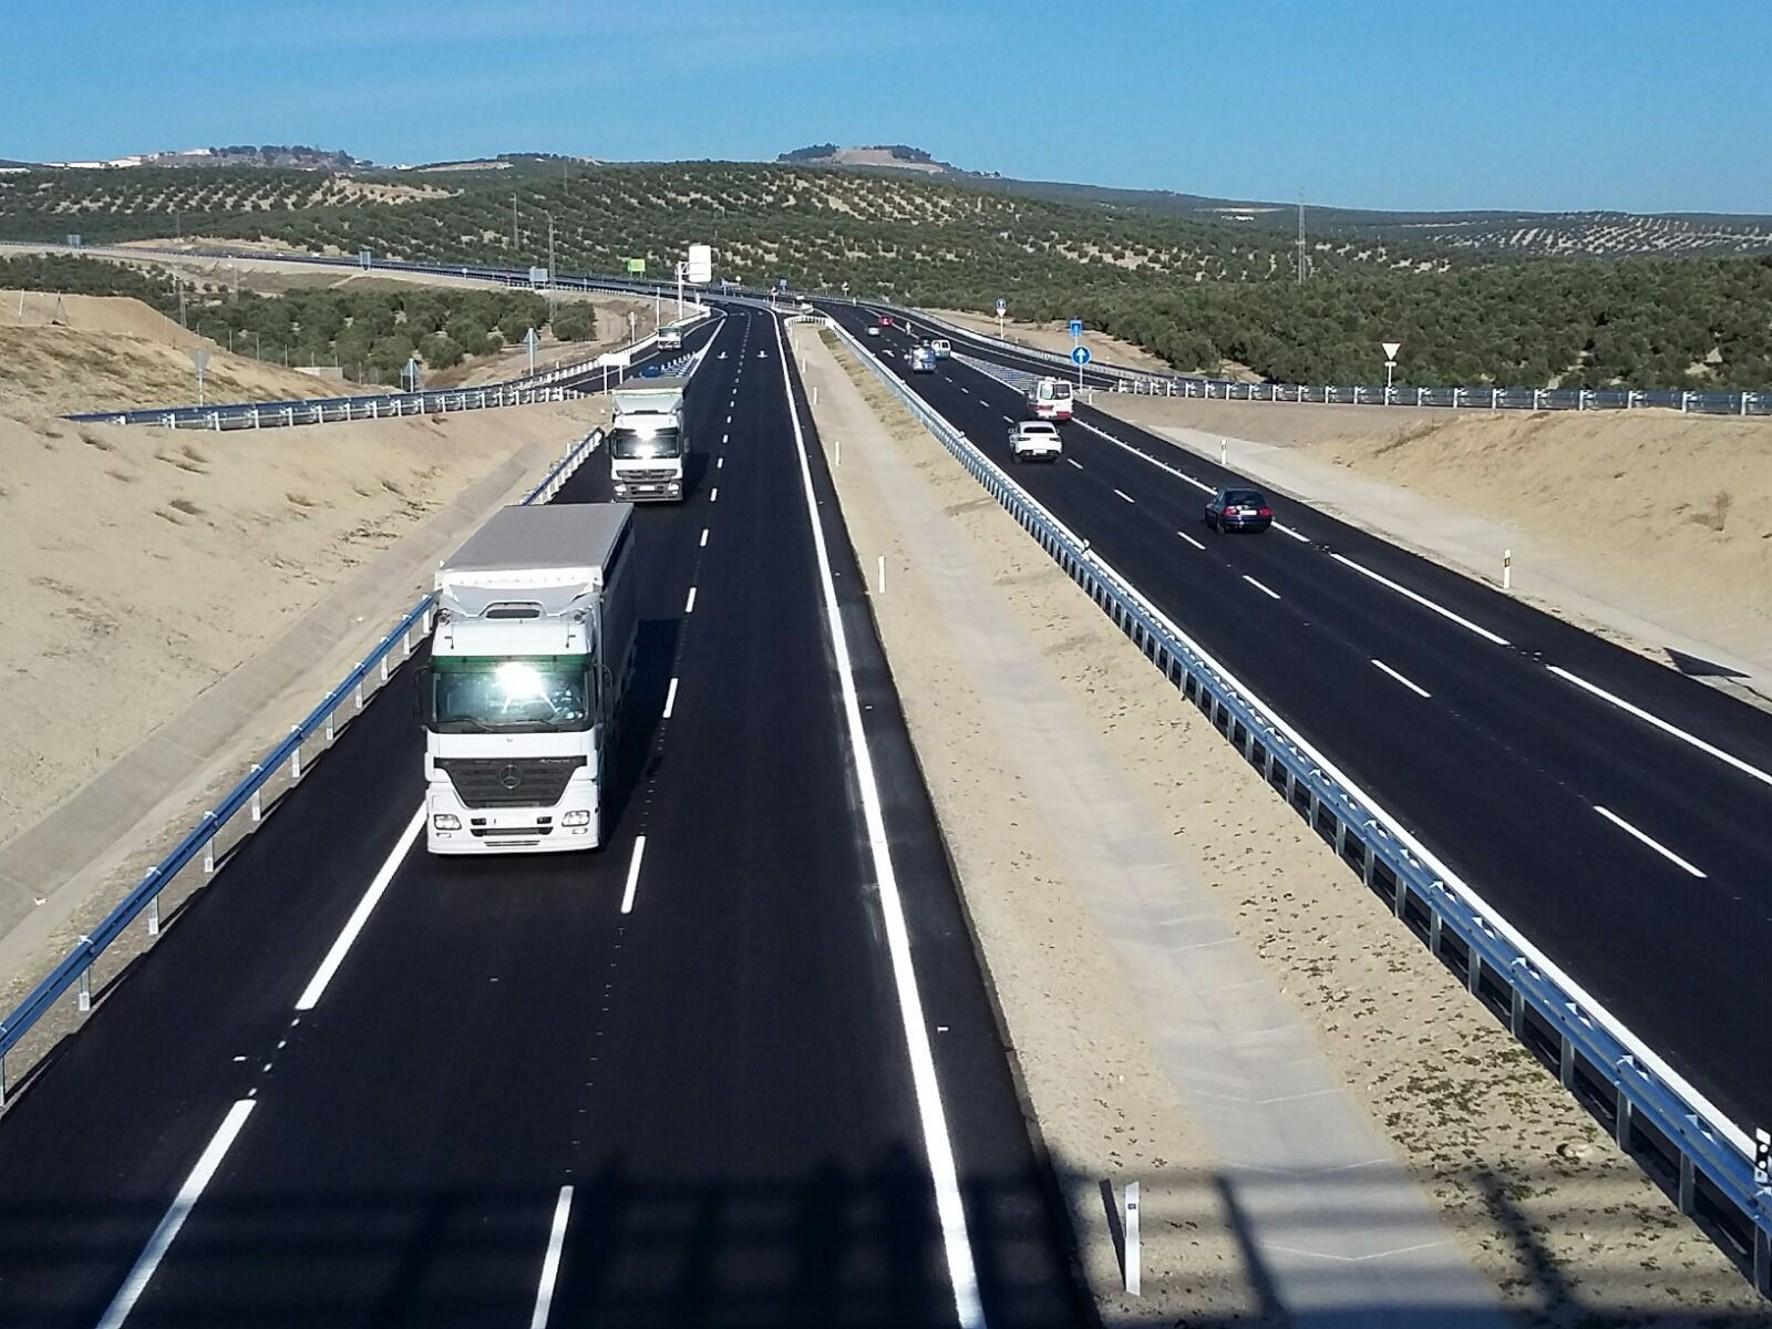 Andaluc�a acoge el Congreso Nacional de la Carretera dedicado a la innovaci�n para una movilidad segura y eficiente